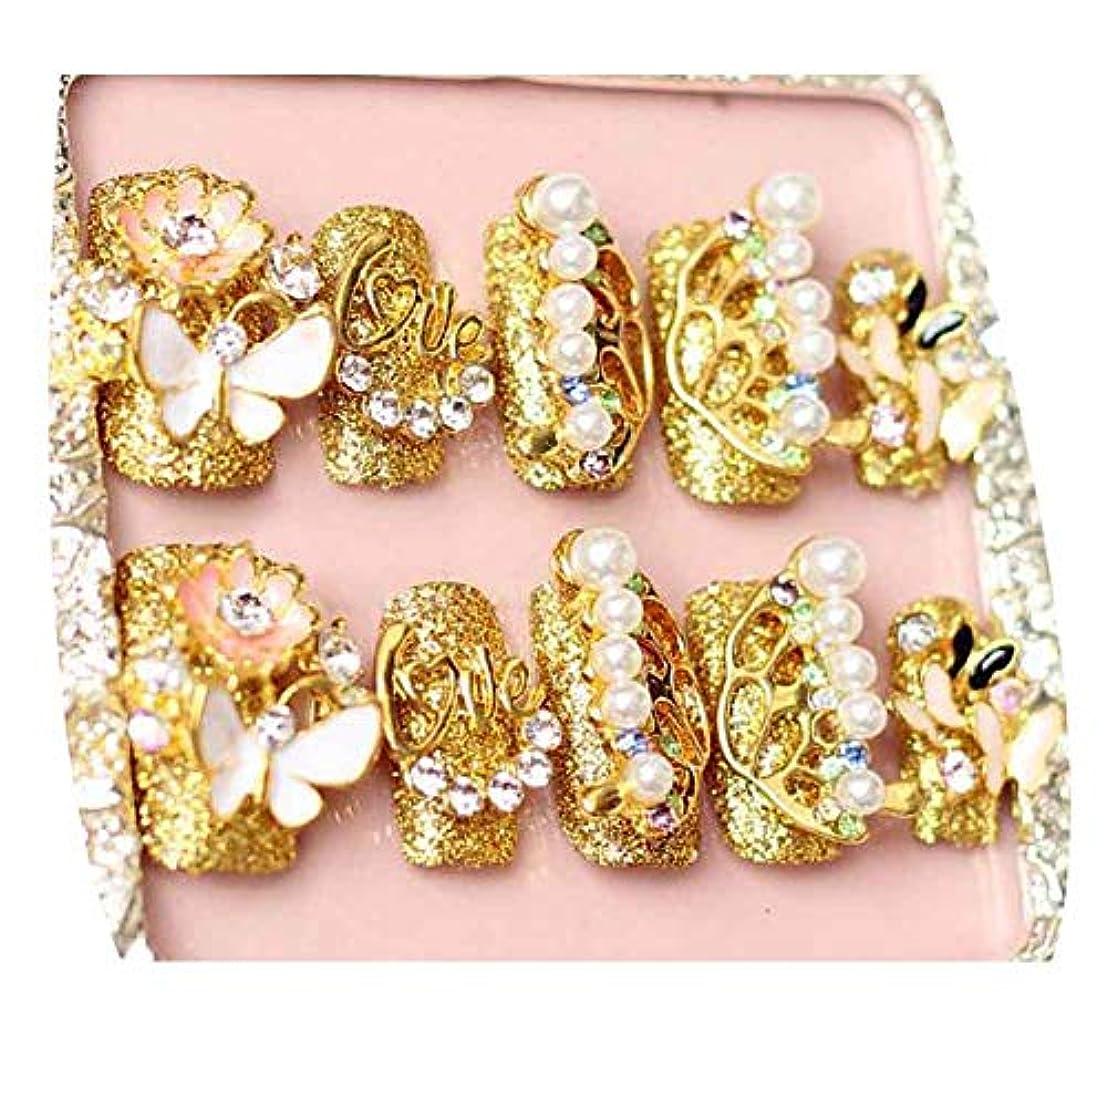 バウンド乙女タワー蝶 - ゴールドカラー偽爪結婚式人工爪のヒントビーズネイルアート